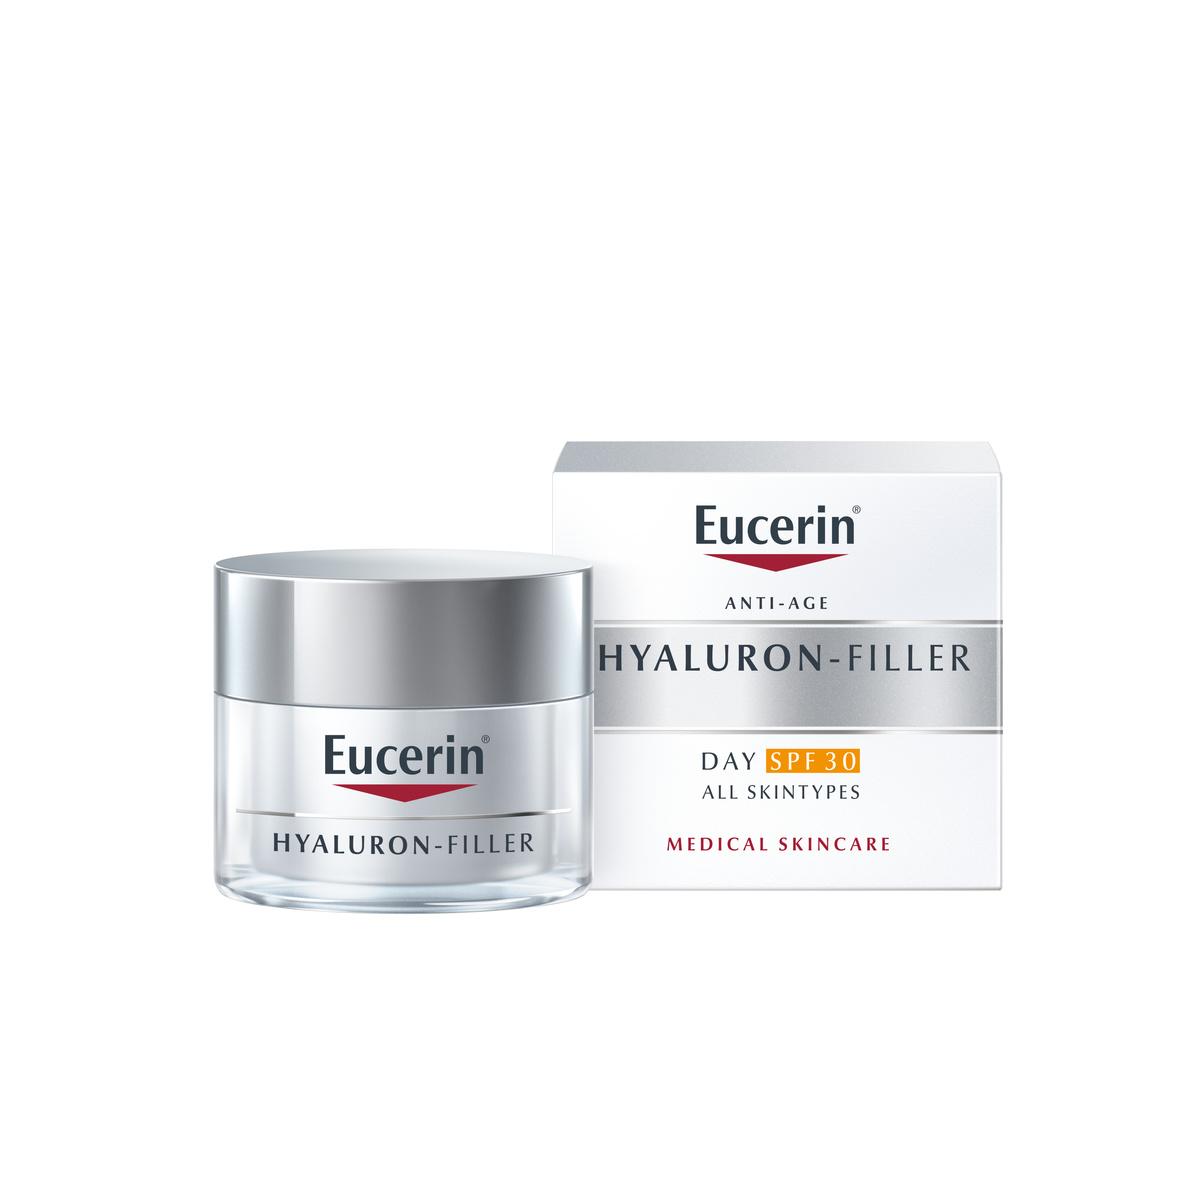 Nueva Crema Fotoprotectora Y Antiarrugas De Eucerin Hyaluron